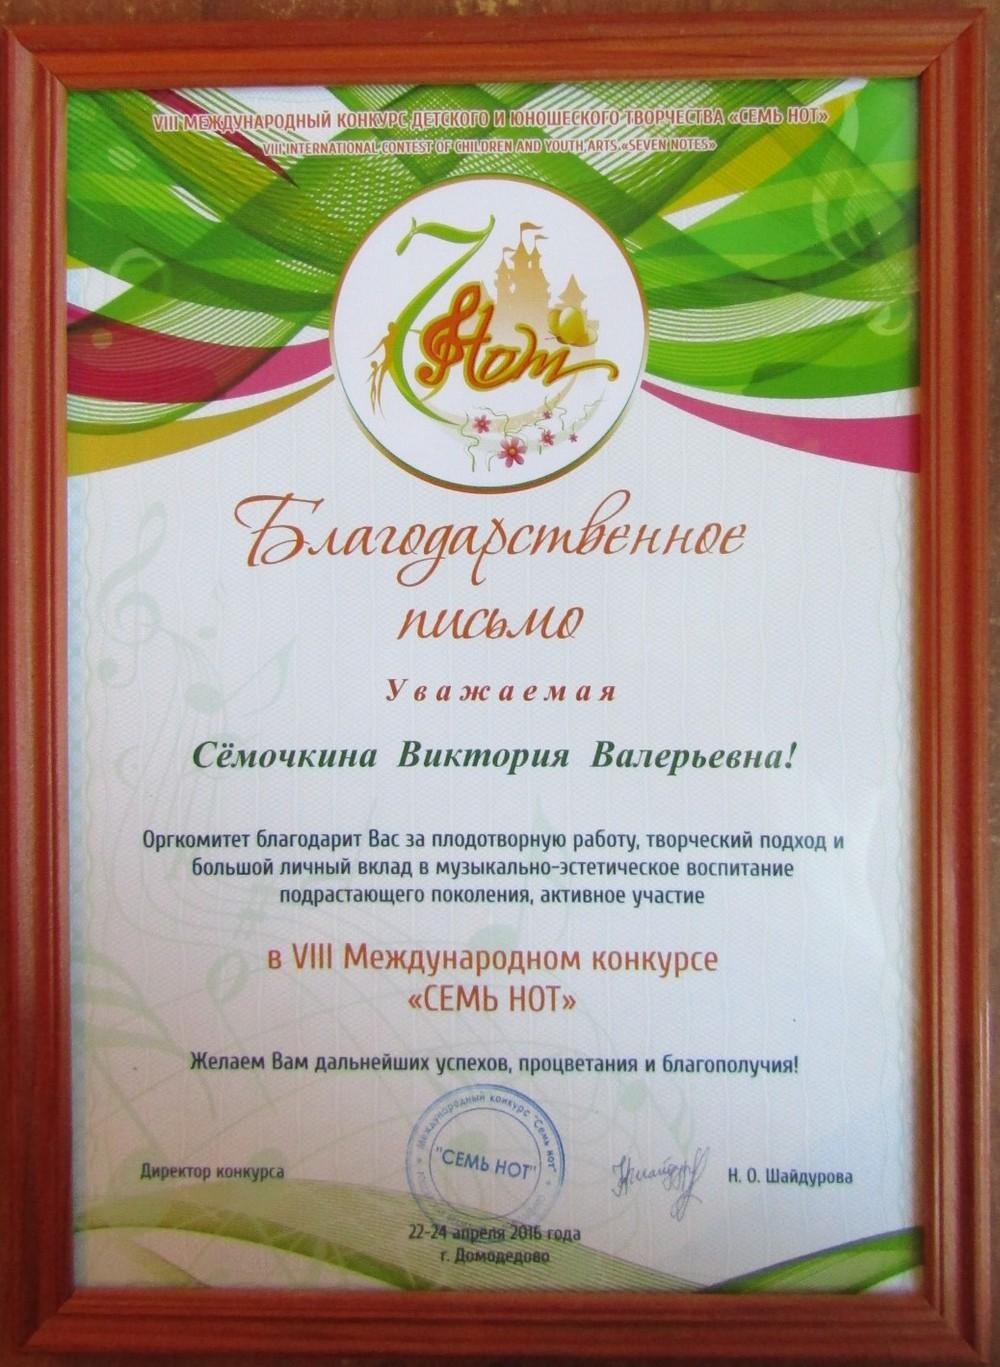 Семь нот конкурс в домодедово официальный сайт